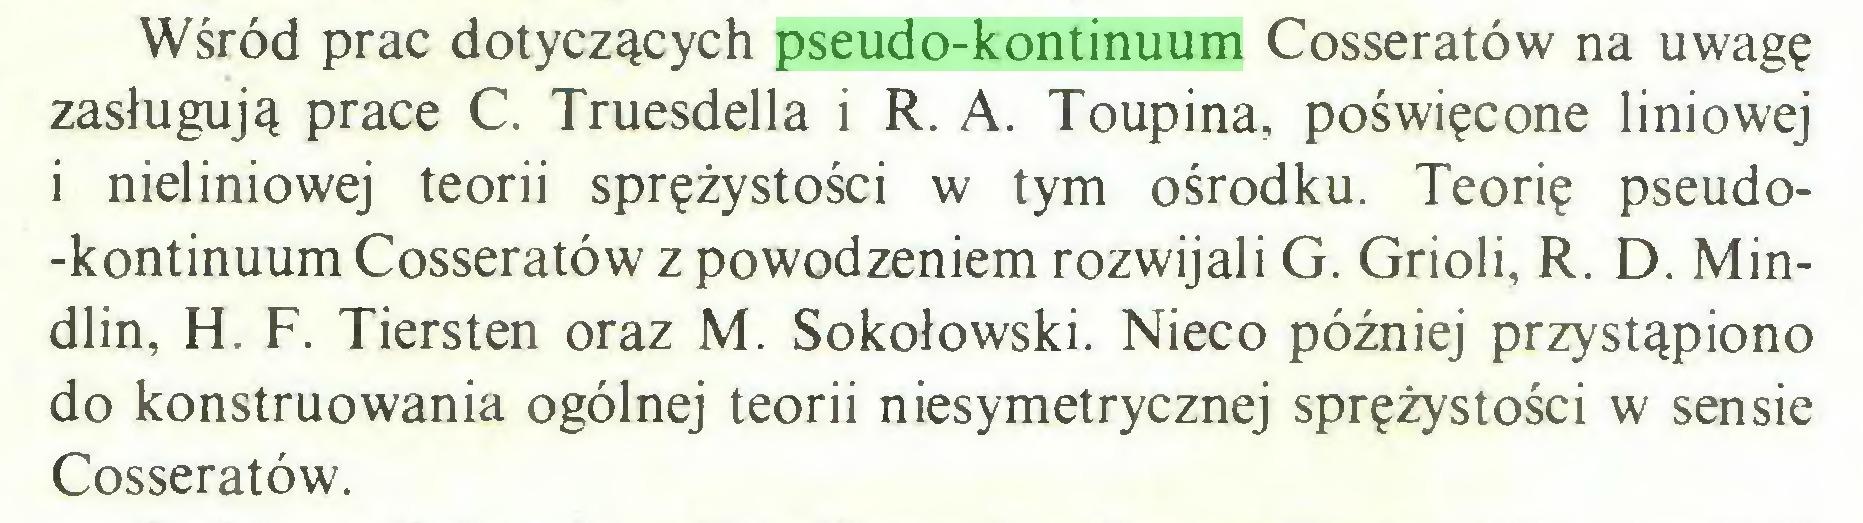 (...) Wśród prac dotyczących pseudo-kontinuum Cosseratów na uwagę zasługują prace C. Truesdella i R. A. Toupina, poświęcone liniowej i nieliniowej teorii sprężystości w tym ośrodku. Teorię pseudo-kontinuum Cosseratów z powodzeniem rozwijali G. Grioli, R. D. Mindlin, H. F. Tiersten oraz M. Sokołowski. Nieco później przystąpiono do konstruowania ogólnej teorii niesymetrycznej sprężystości w sensie Cosseratów...